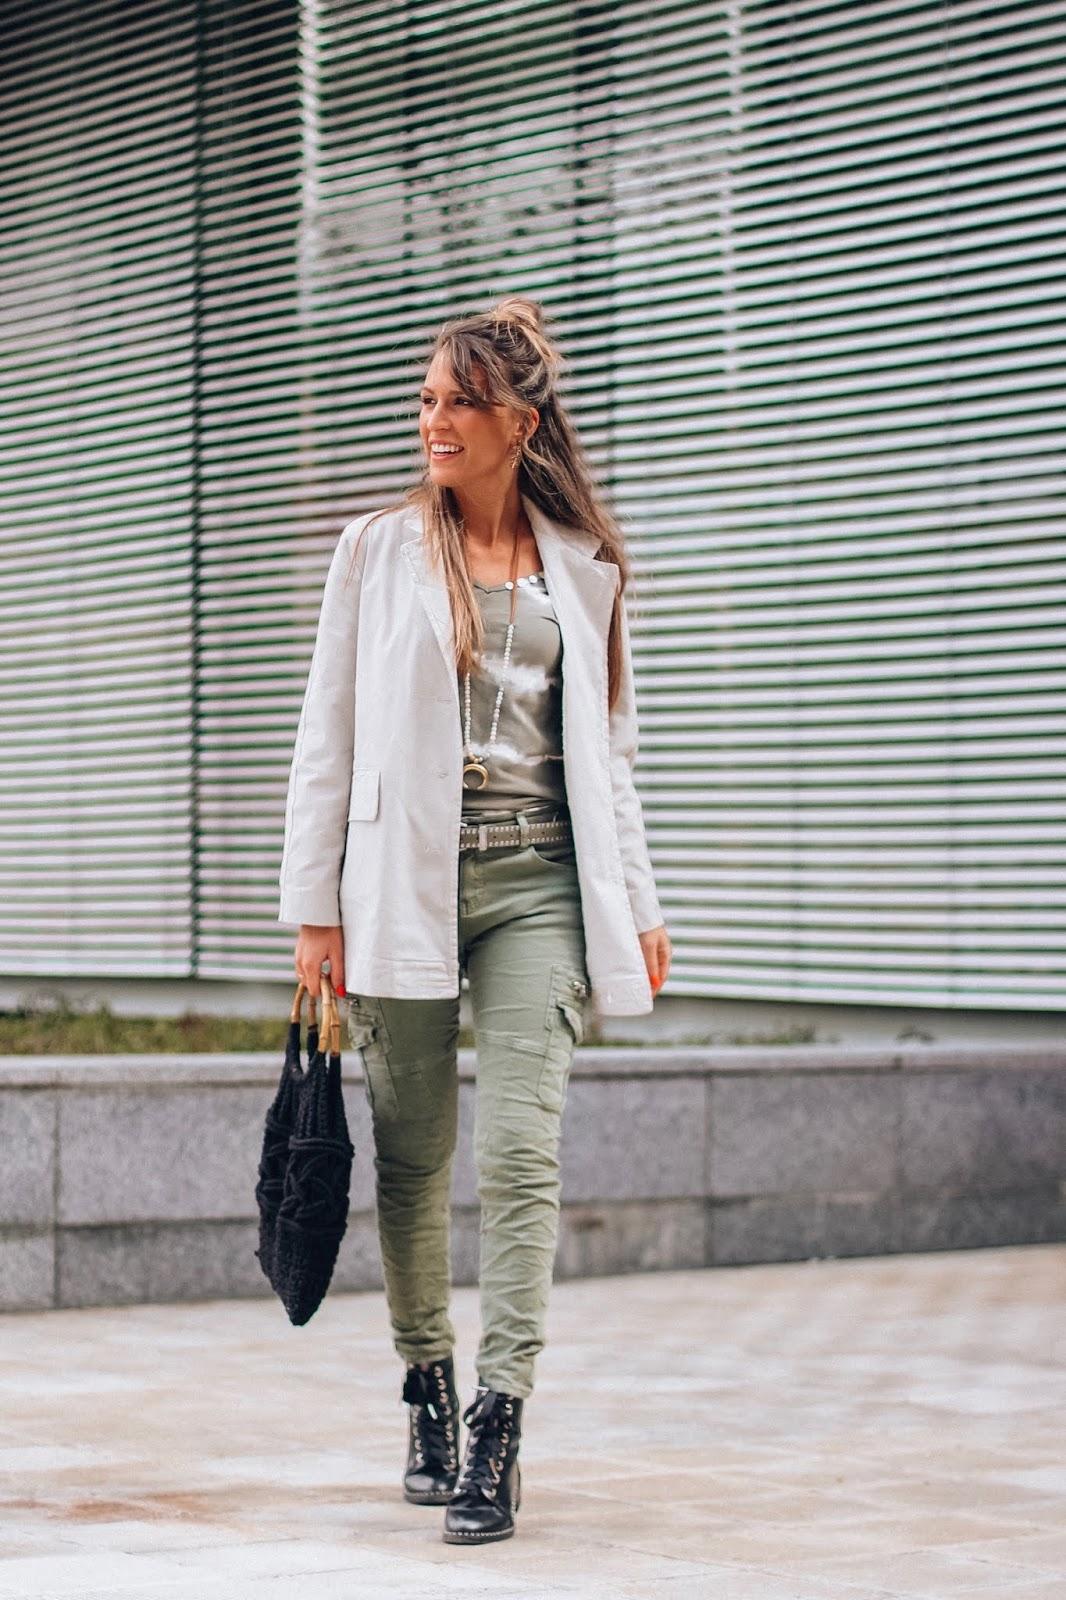 pantalones estilo militar